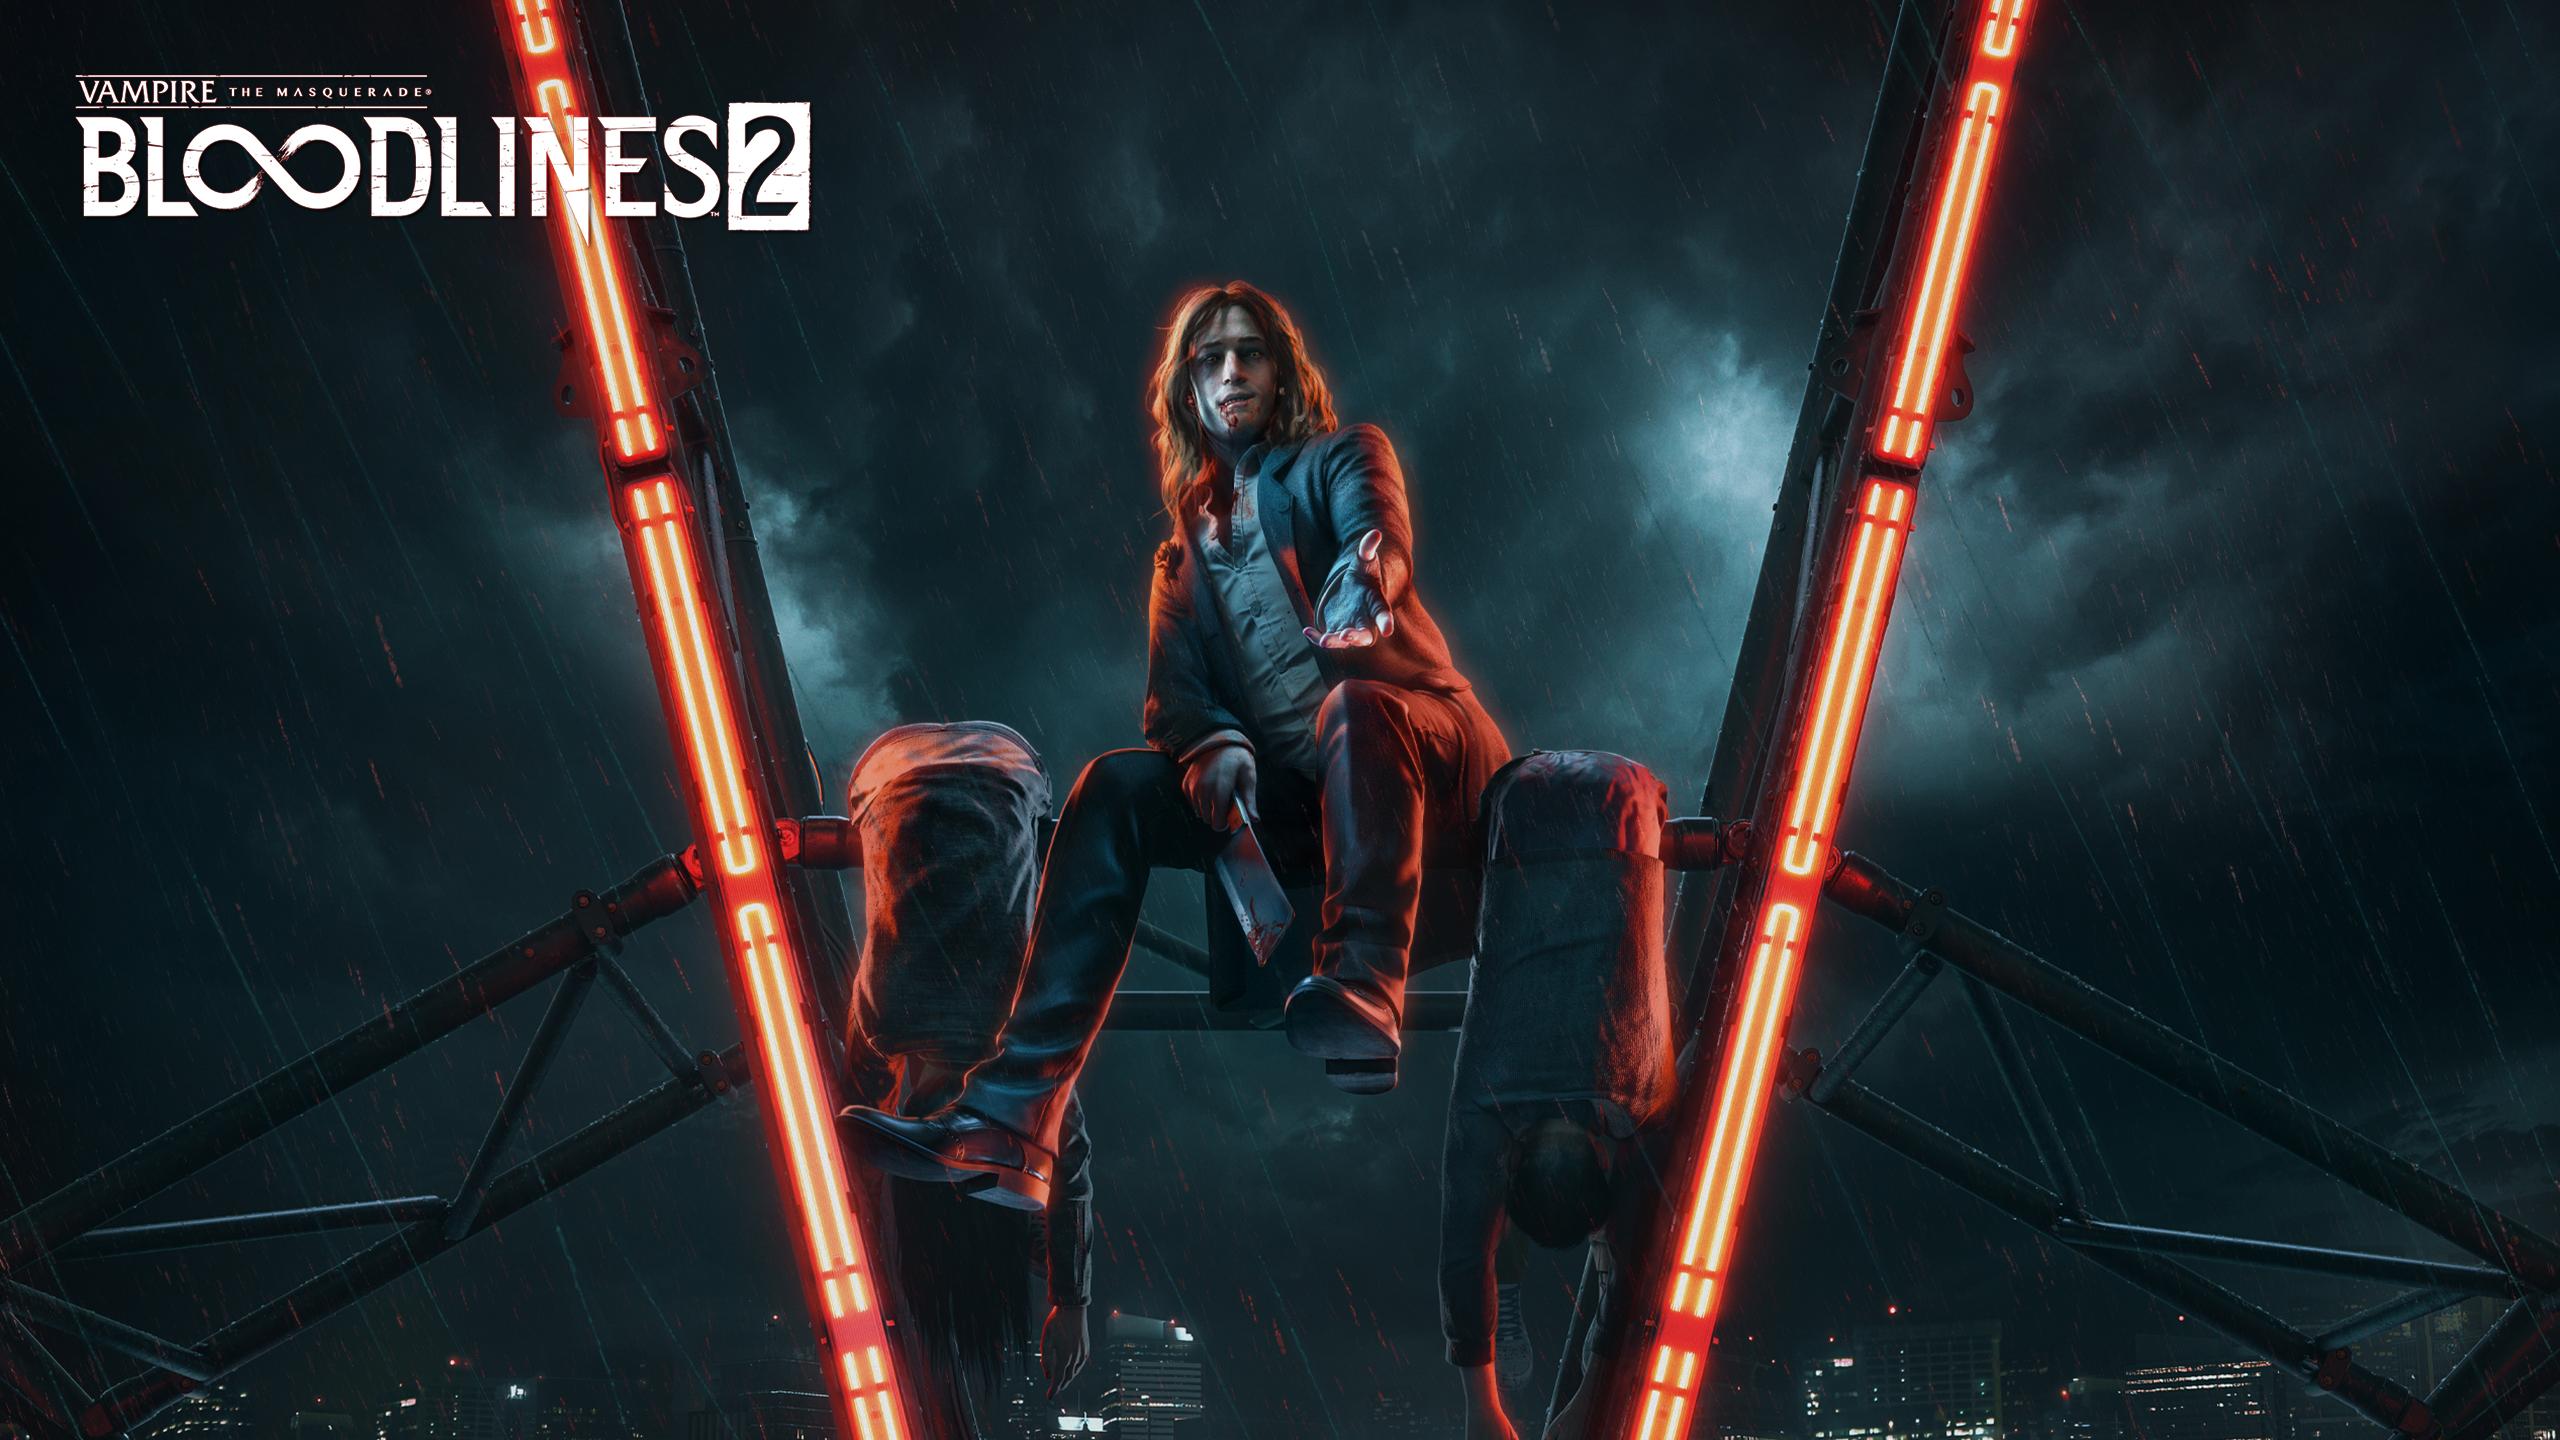 Crea alianzas incómodas en una guerra civil sangrienta en Vampire: The Masquerade - Bloodlines 2. ¡Disponible ahora para comprar de manera anticipada!